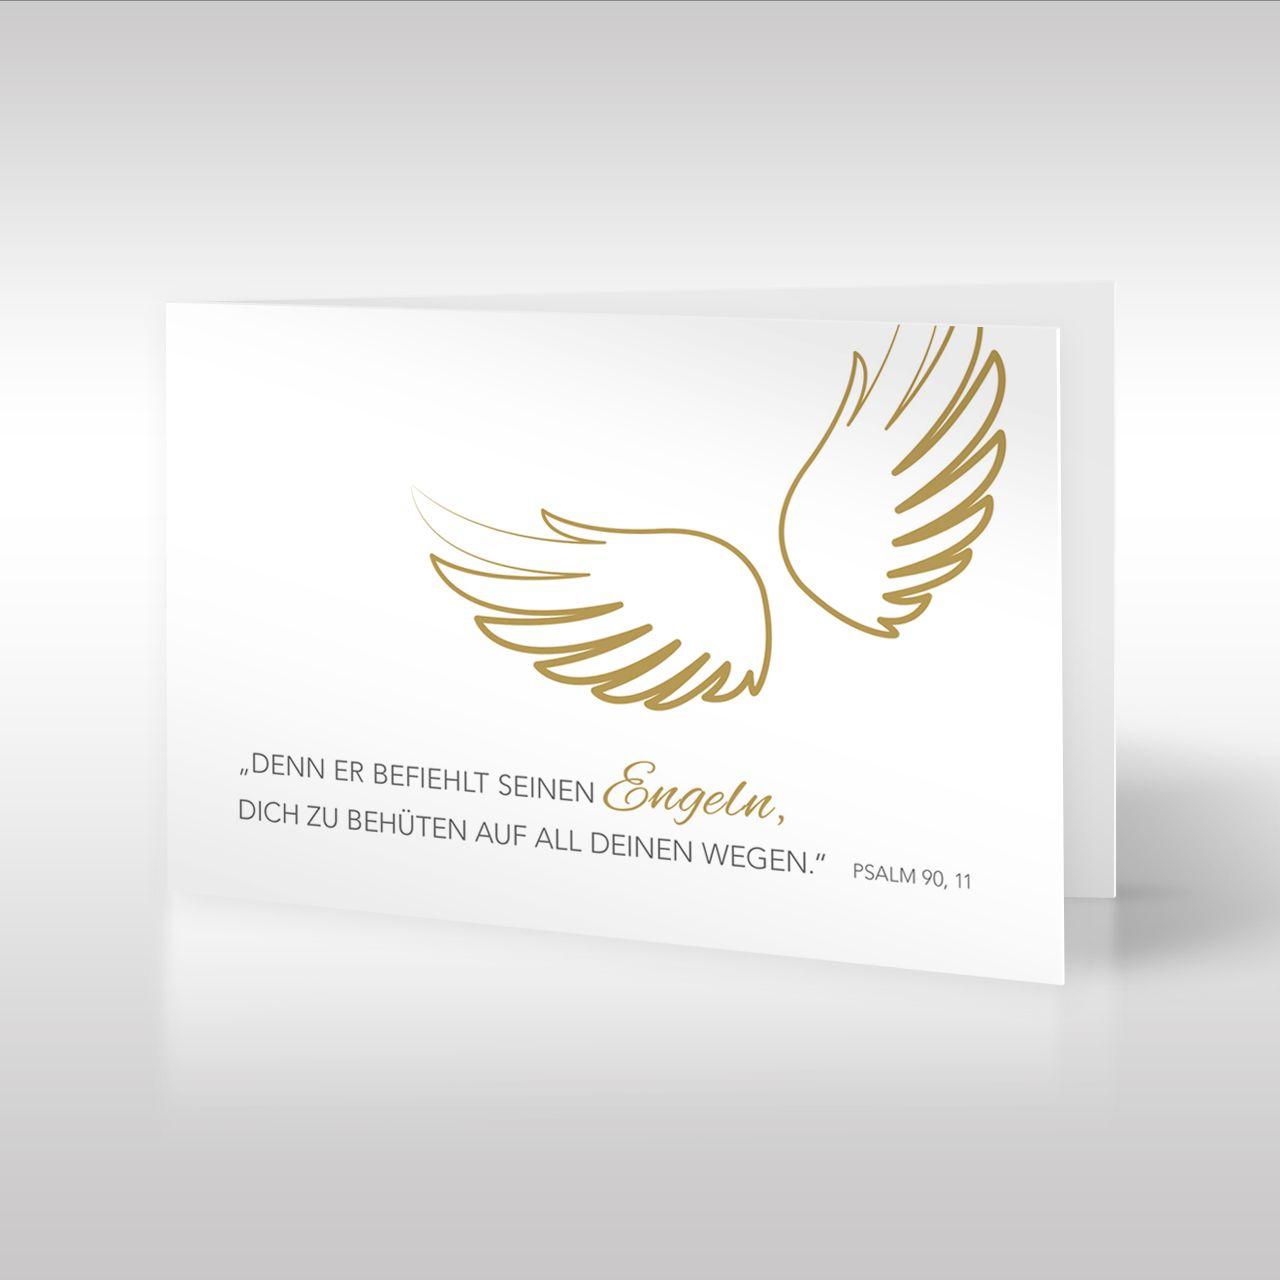 Beileidswunsche Fur Karten: Diese Christliche Weiße Design-Trauerkarte Zeigt Eine